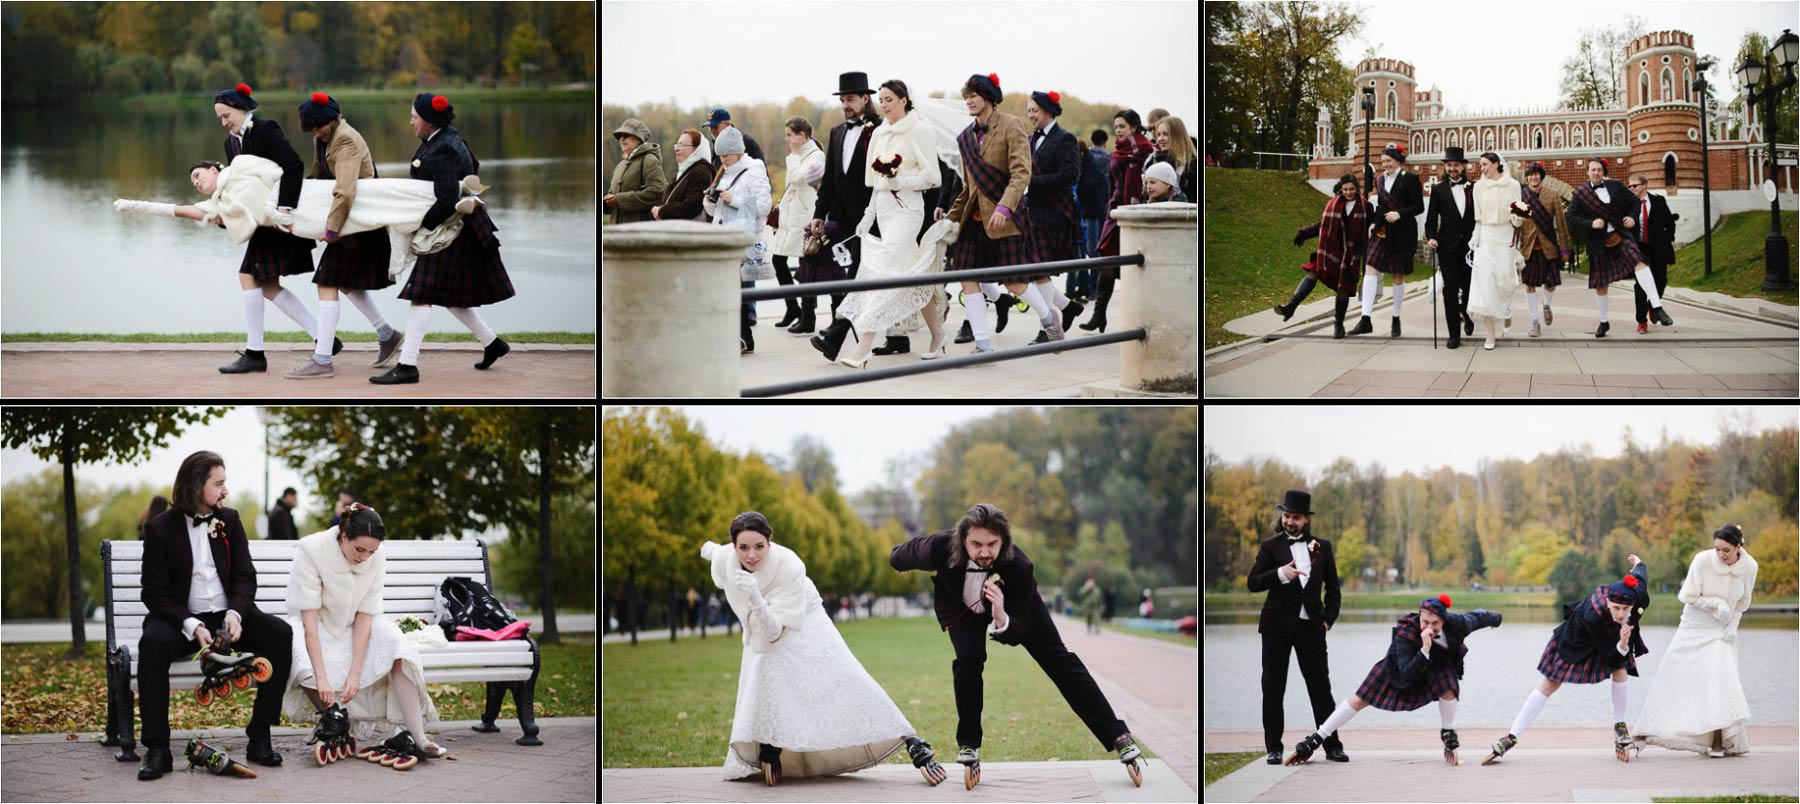 Свадебный фотограф в Москве, свадебный фотограф в Серпухове, свадебный фотограф в Чехове, фотограф Серпухов, фотограф Москва, фотограф Чехов